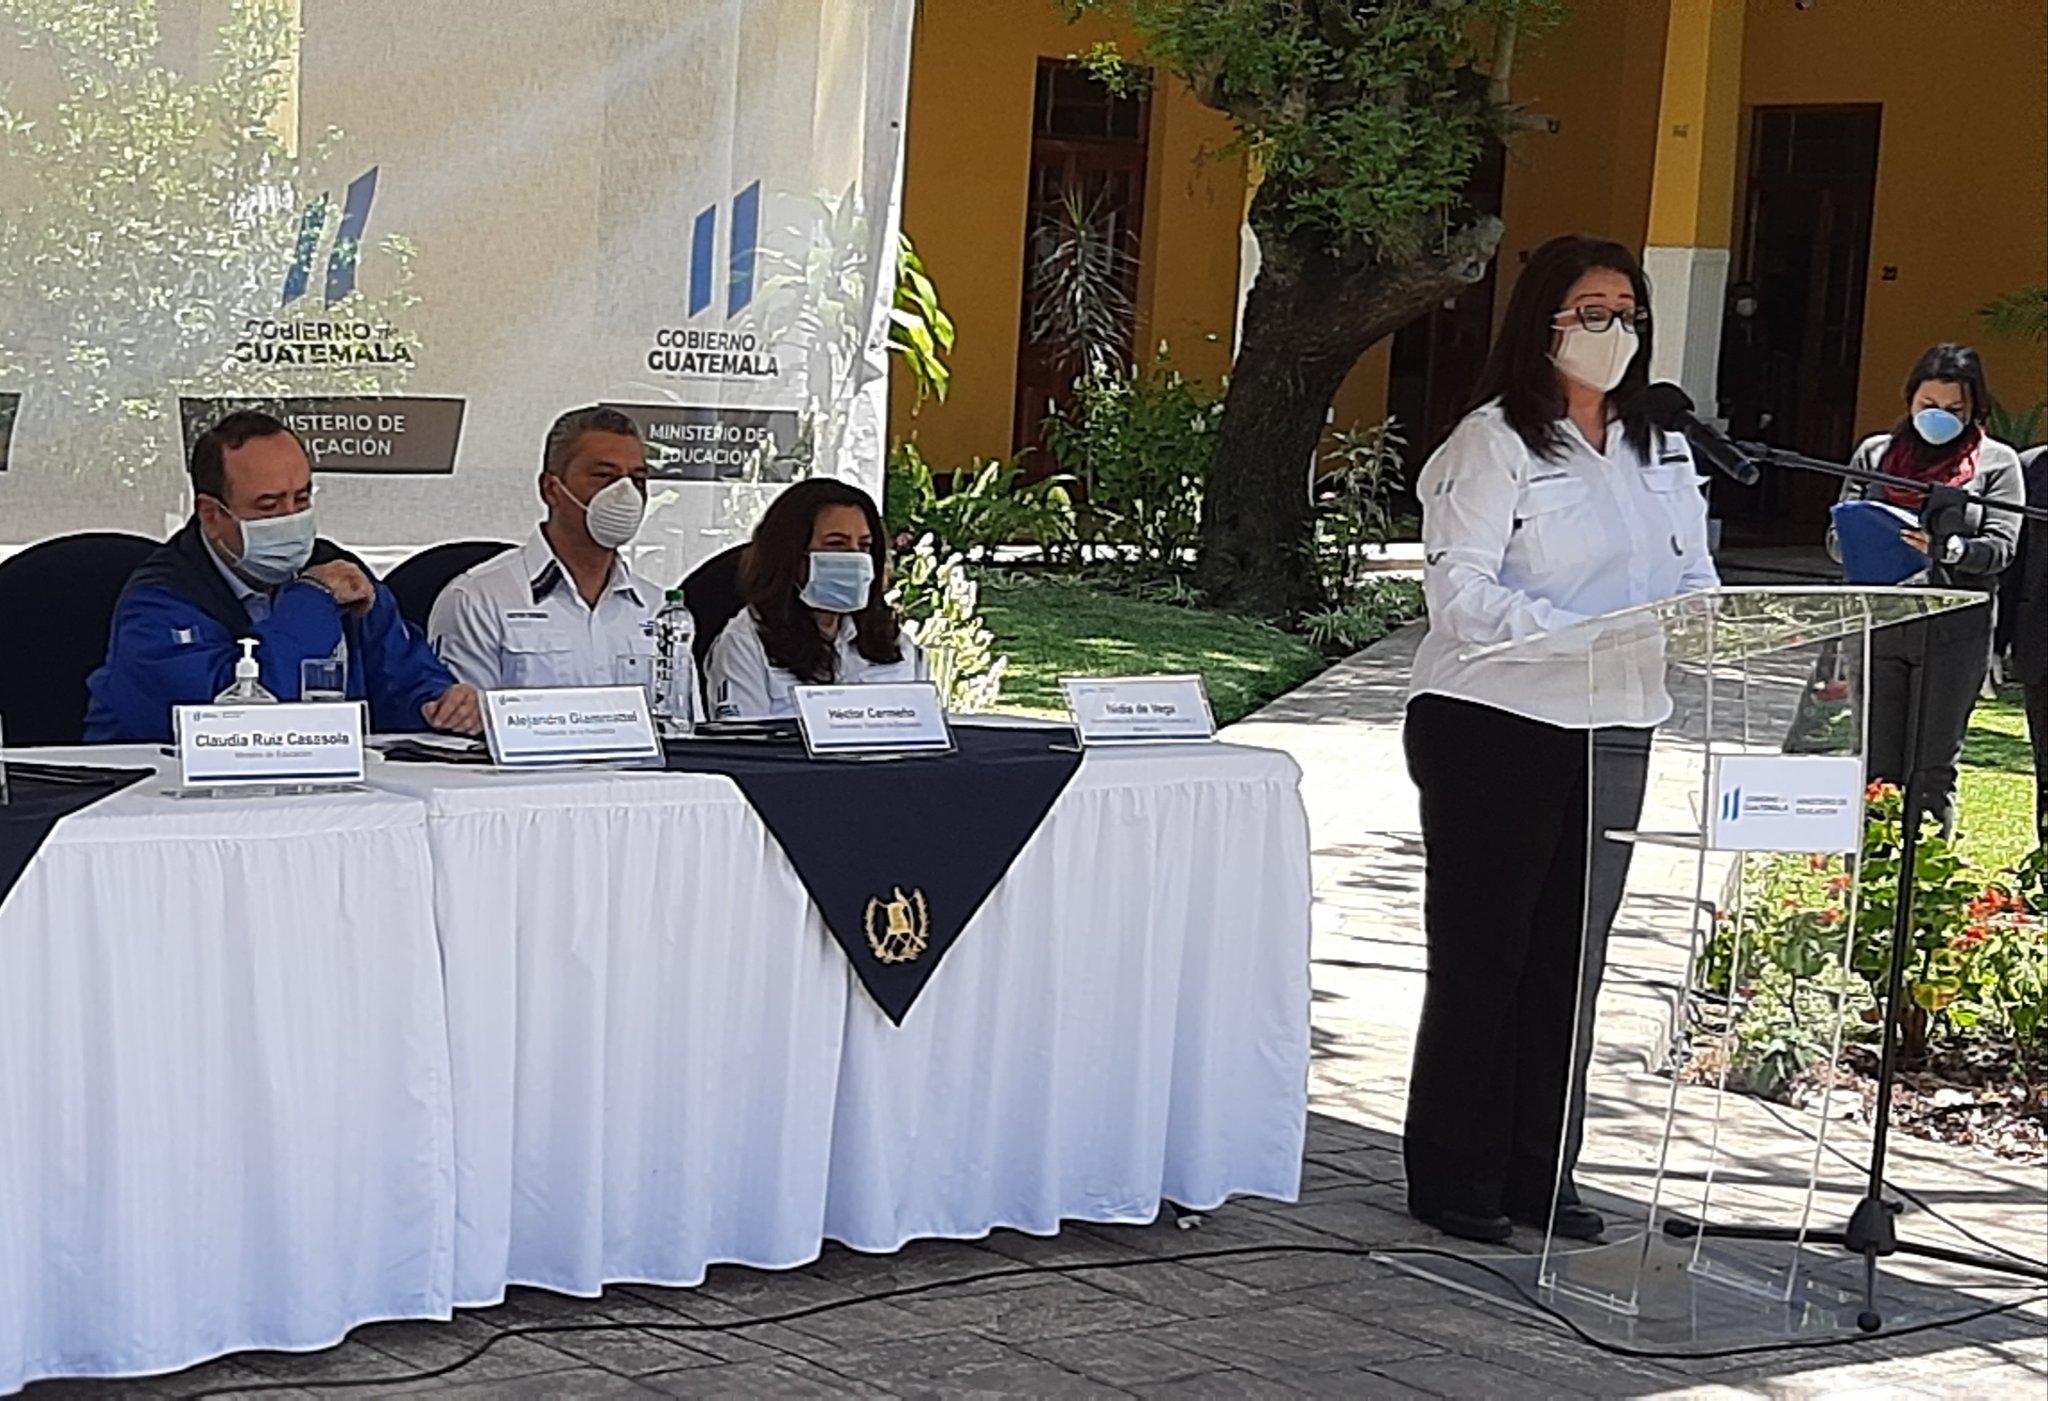 La #MinistraClaudiaRuíz dijo que hay organizaciones que se han sumado como #Funsepa que apoyan a la educación para que a través de sus plataformas se difunda el material para estudiantes del sector público. #JuntosSaldremosAdelante #UnidosContraElCoronavirus #PlanDeRespuesta